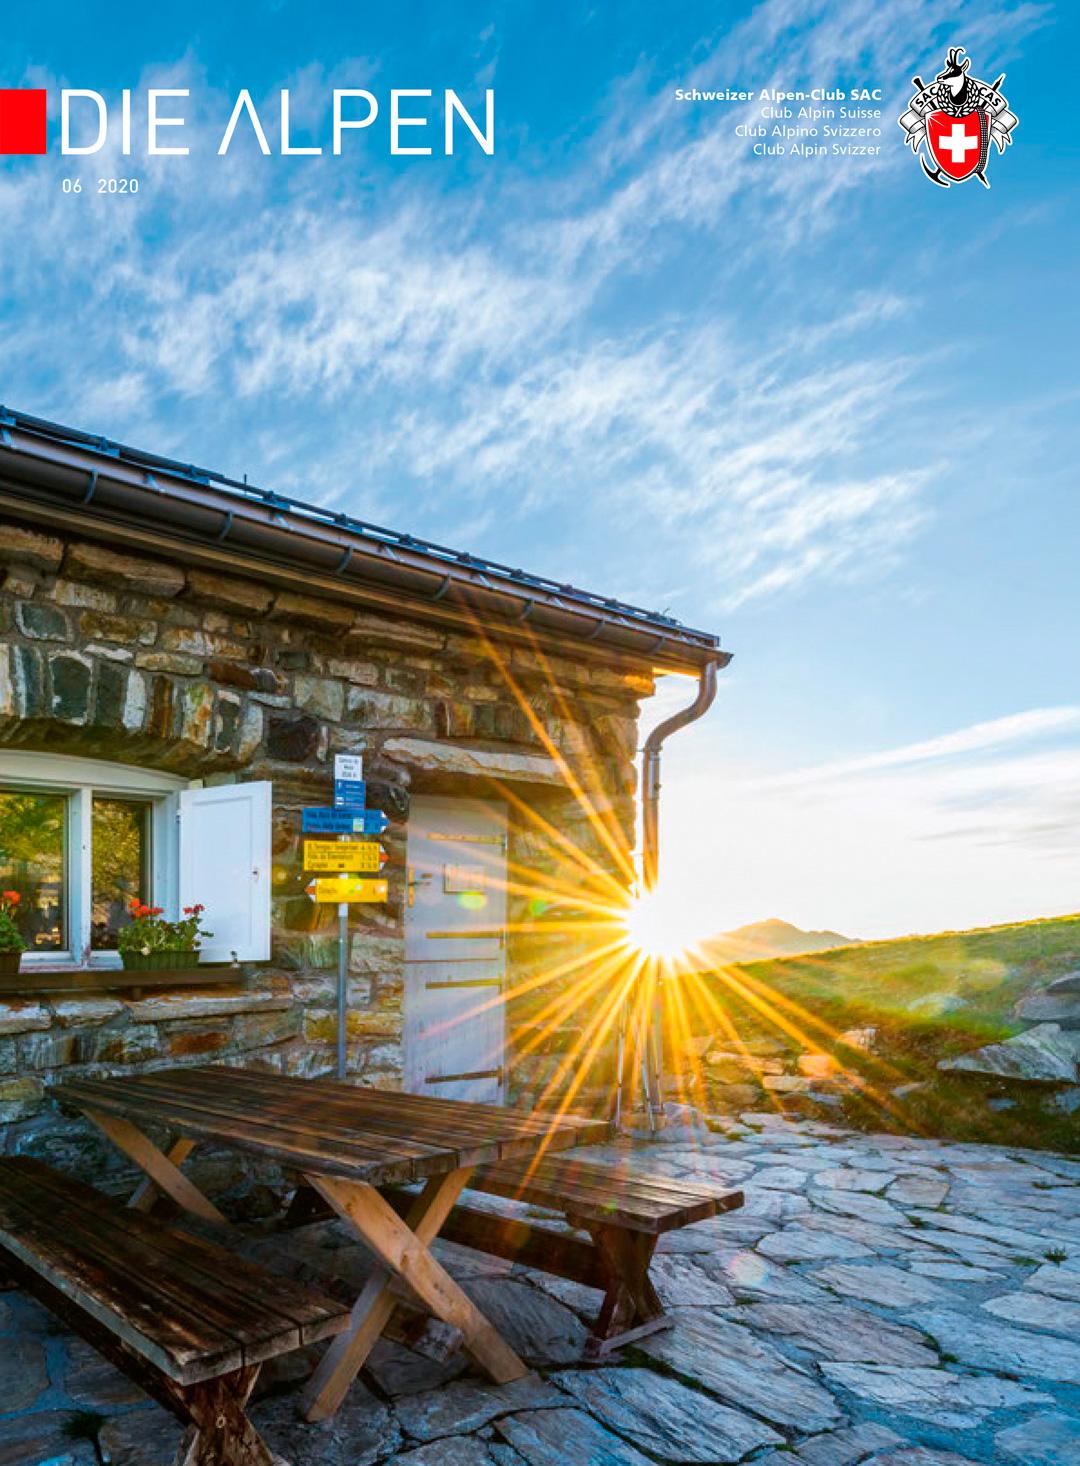 Die Alpen, Magazin, Architekturfotografie, Meldelserhütte SAC, Outdoorfotografie